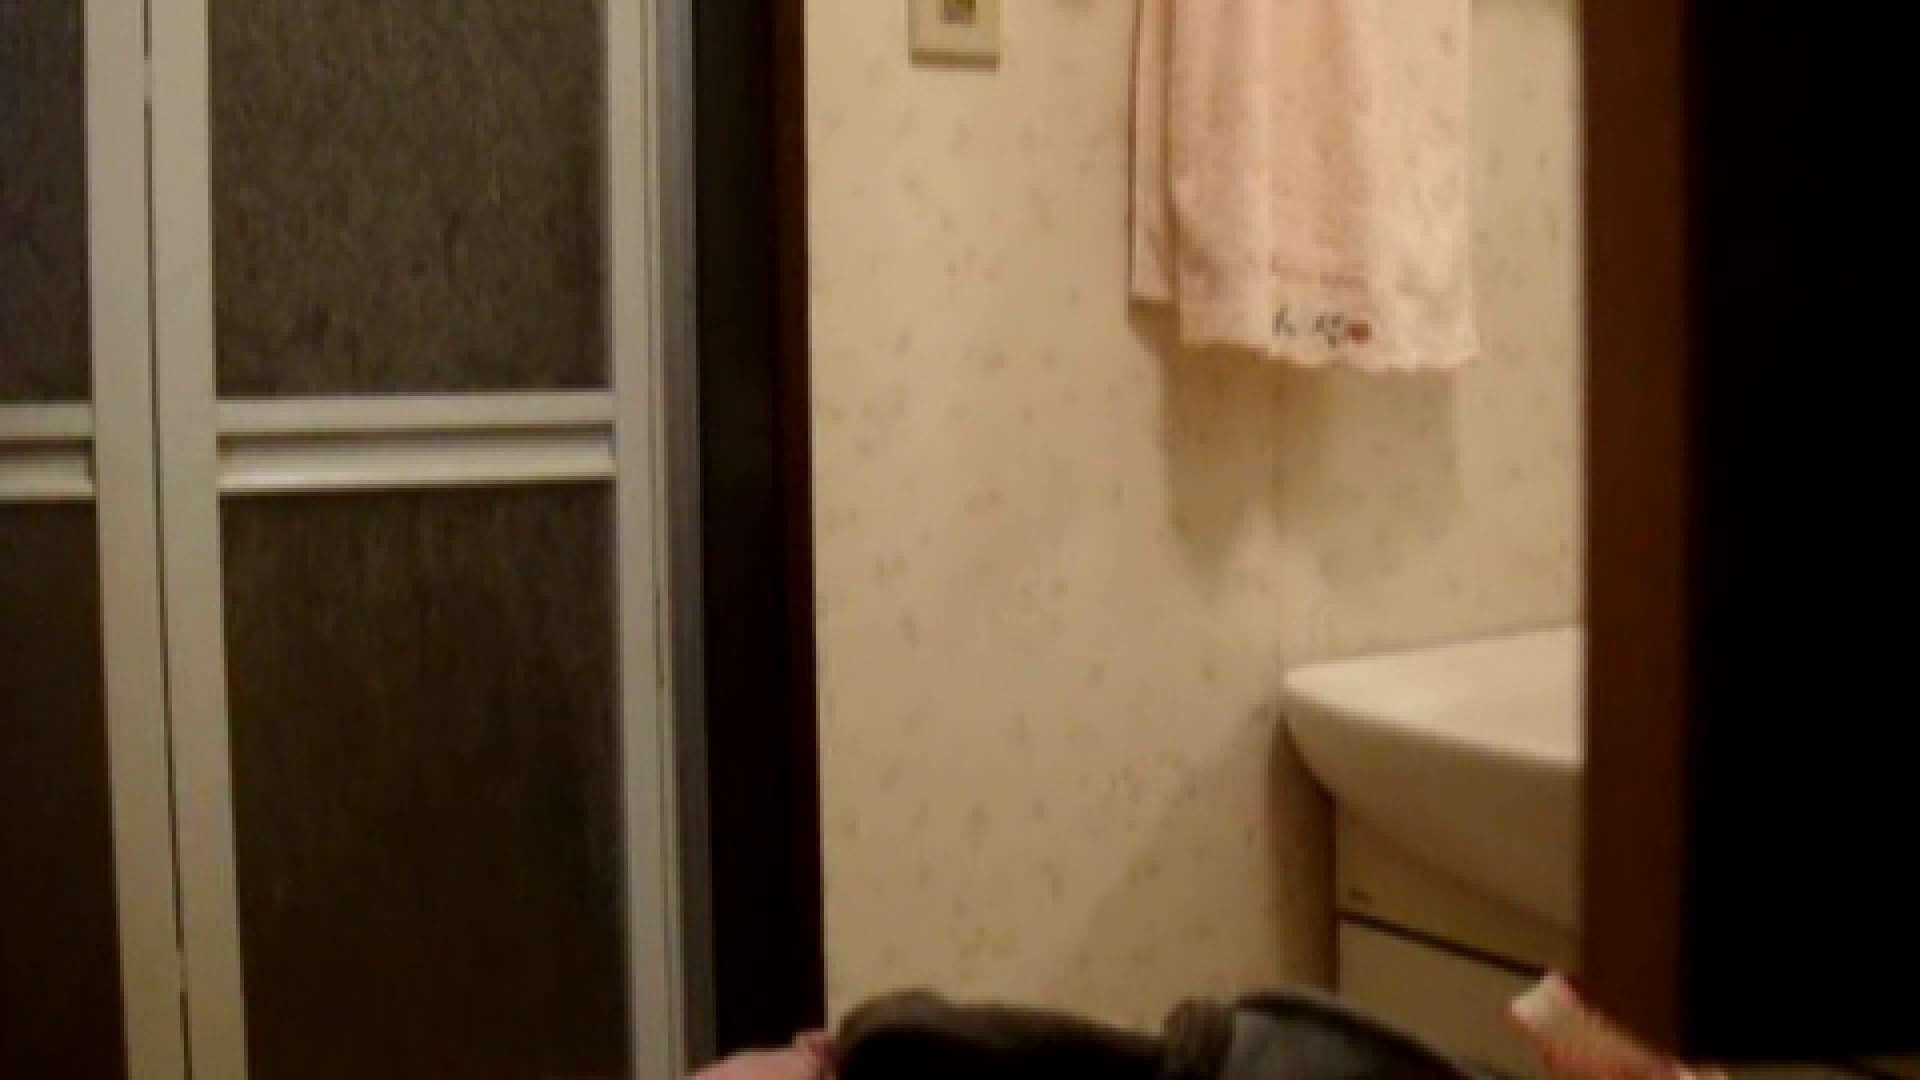 二人とも育てた甲斐がありました… vol.08 まどかの入浴中にカメラに気付いたか!? 入浴 | HなOL  50pic 18